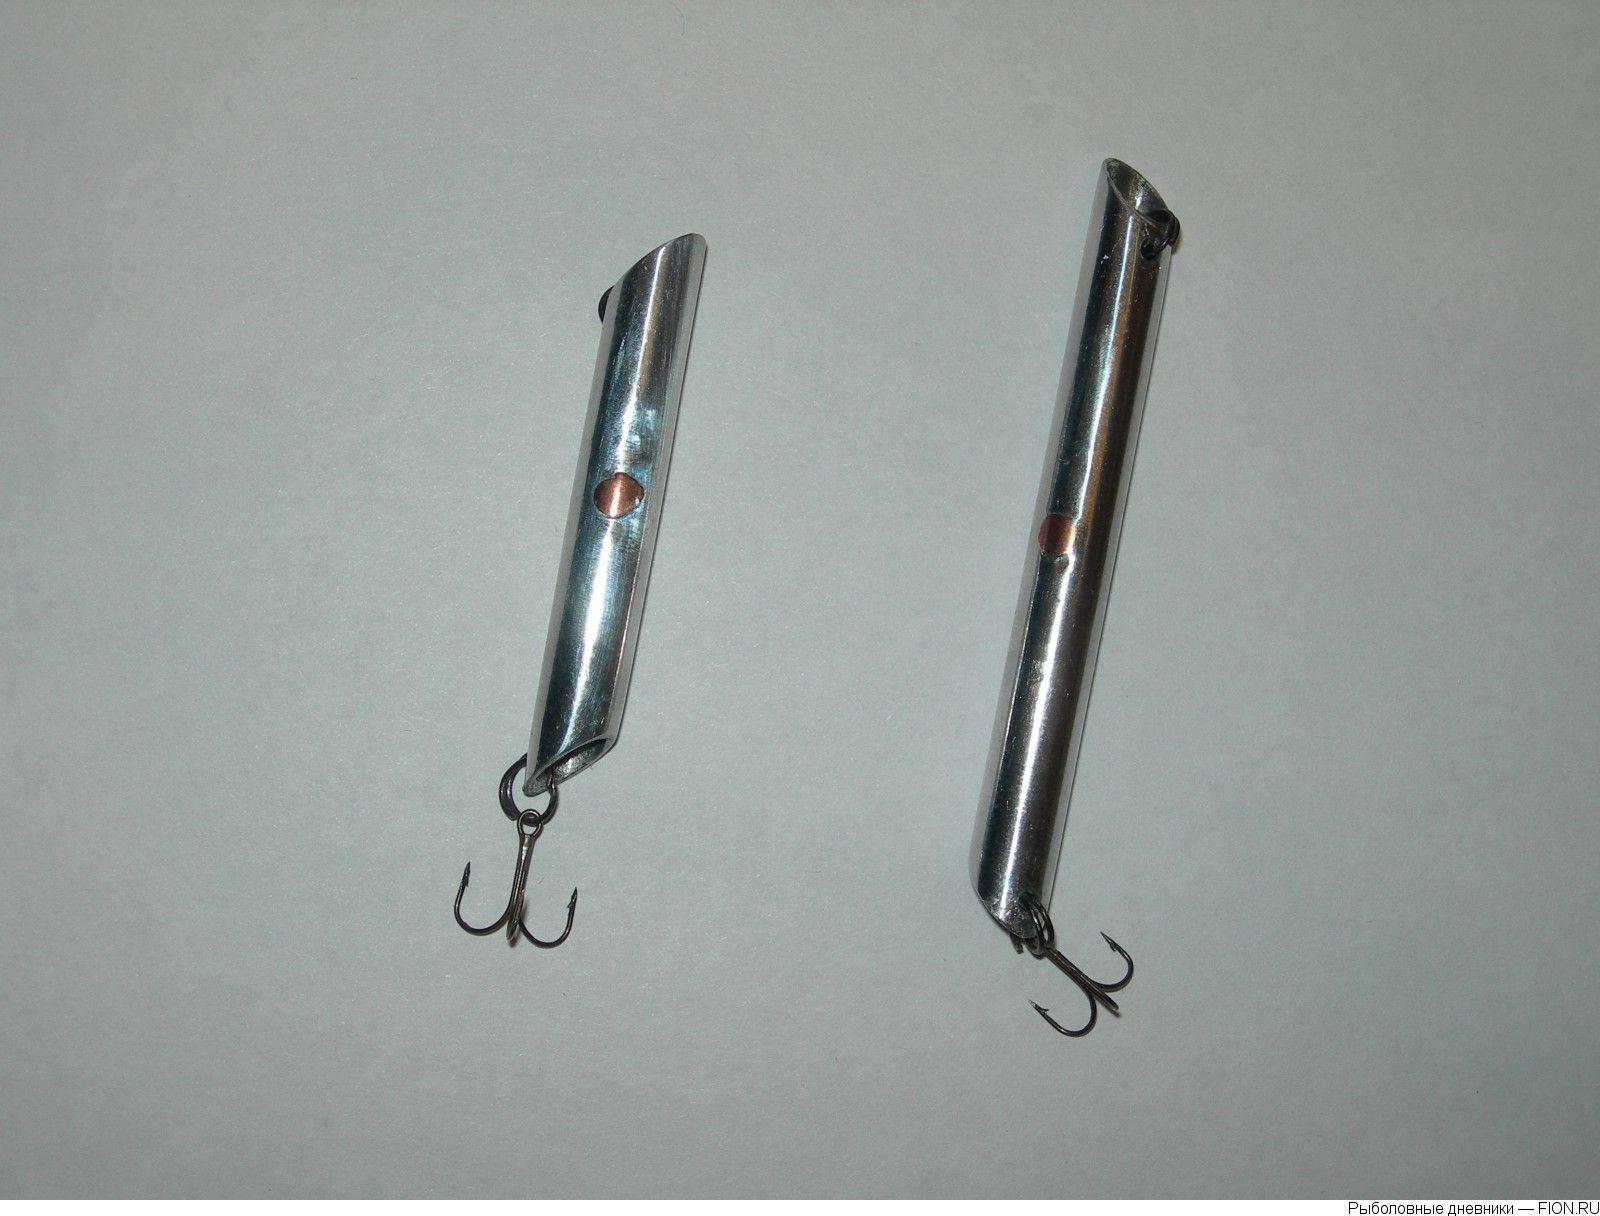 Блесна из трубки своими руками: инструкция подготовки пошагово